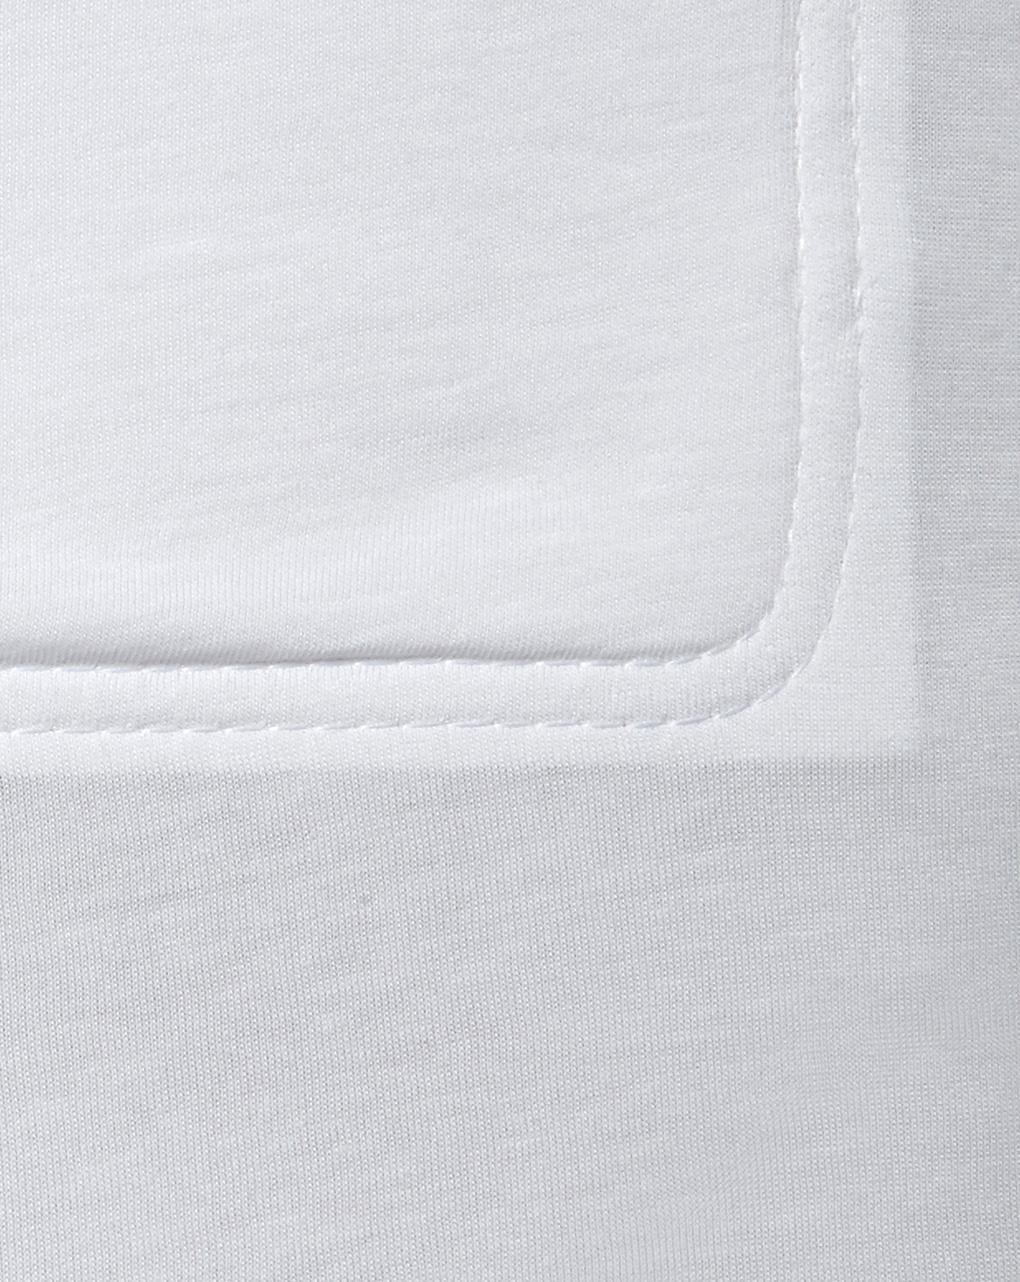 Lenzuolo salvamaterasso con angoli per letto - Giordani